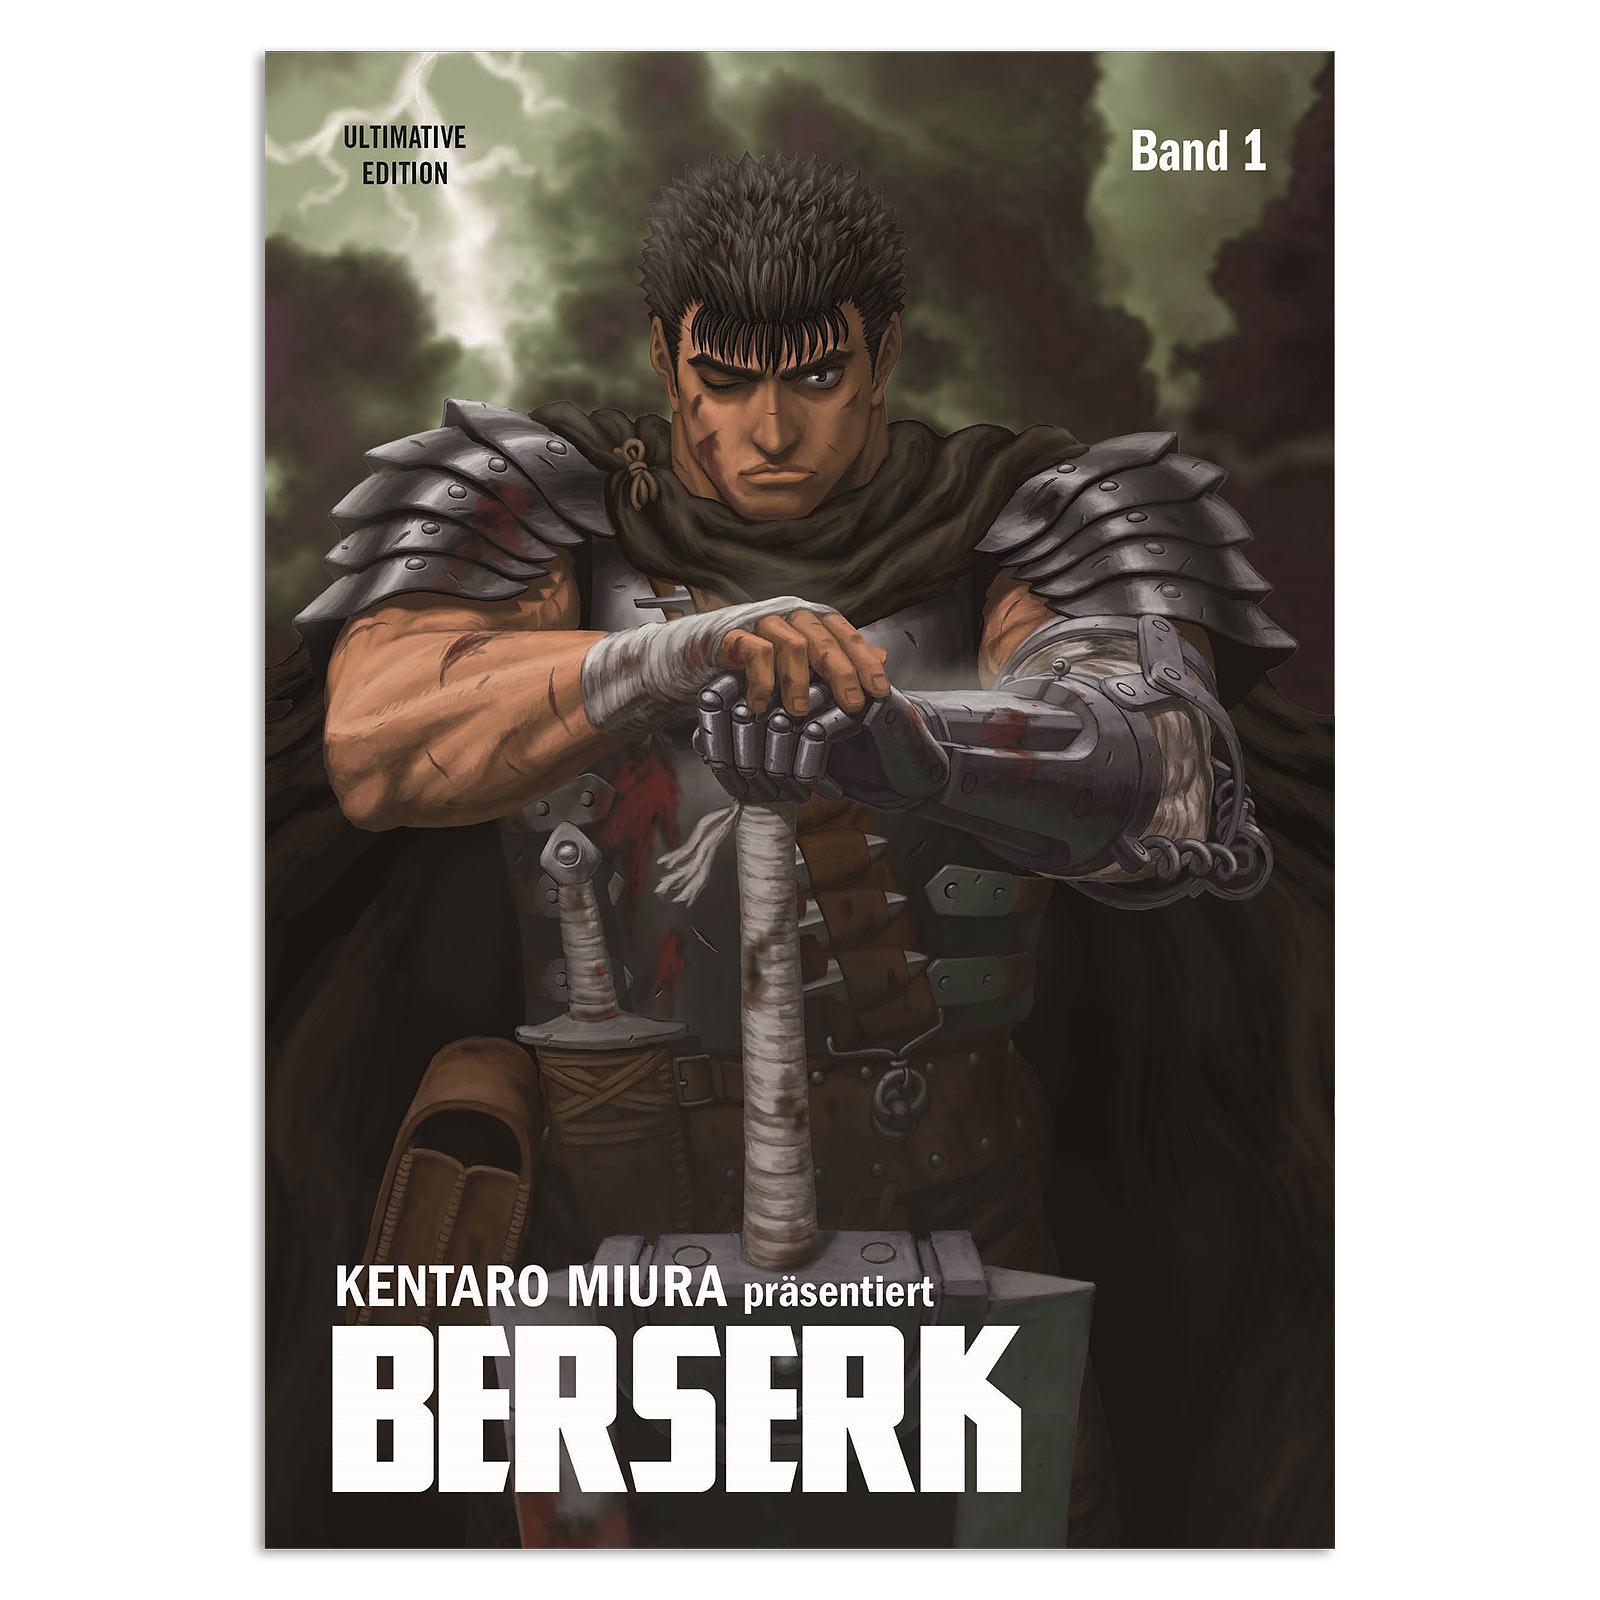 Berserk - Band 1 Taschenbuch Ultimate Edition